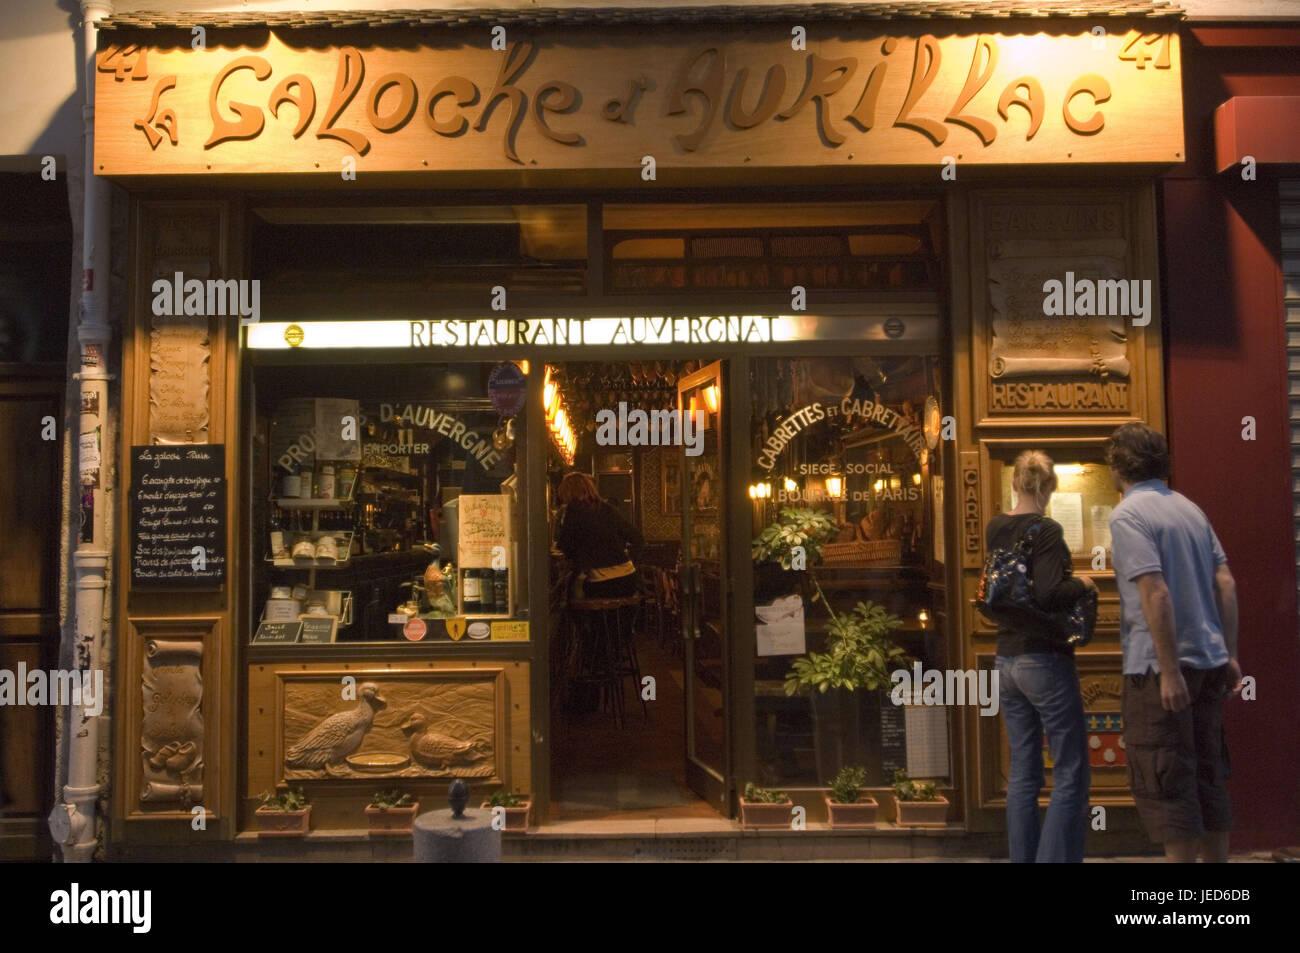 France, Paris, Rue de Laplander, bar 'Galoche d'Aurillac', guests, no model release, - Stock Image